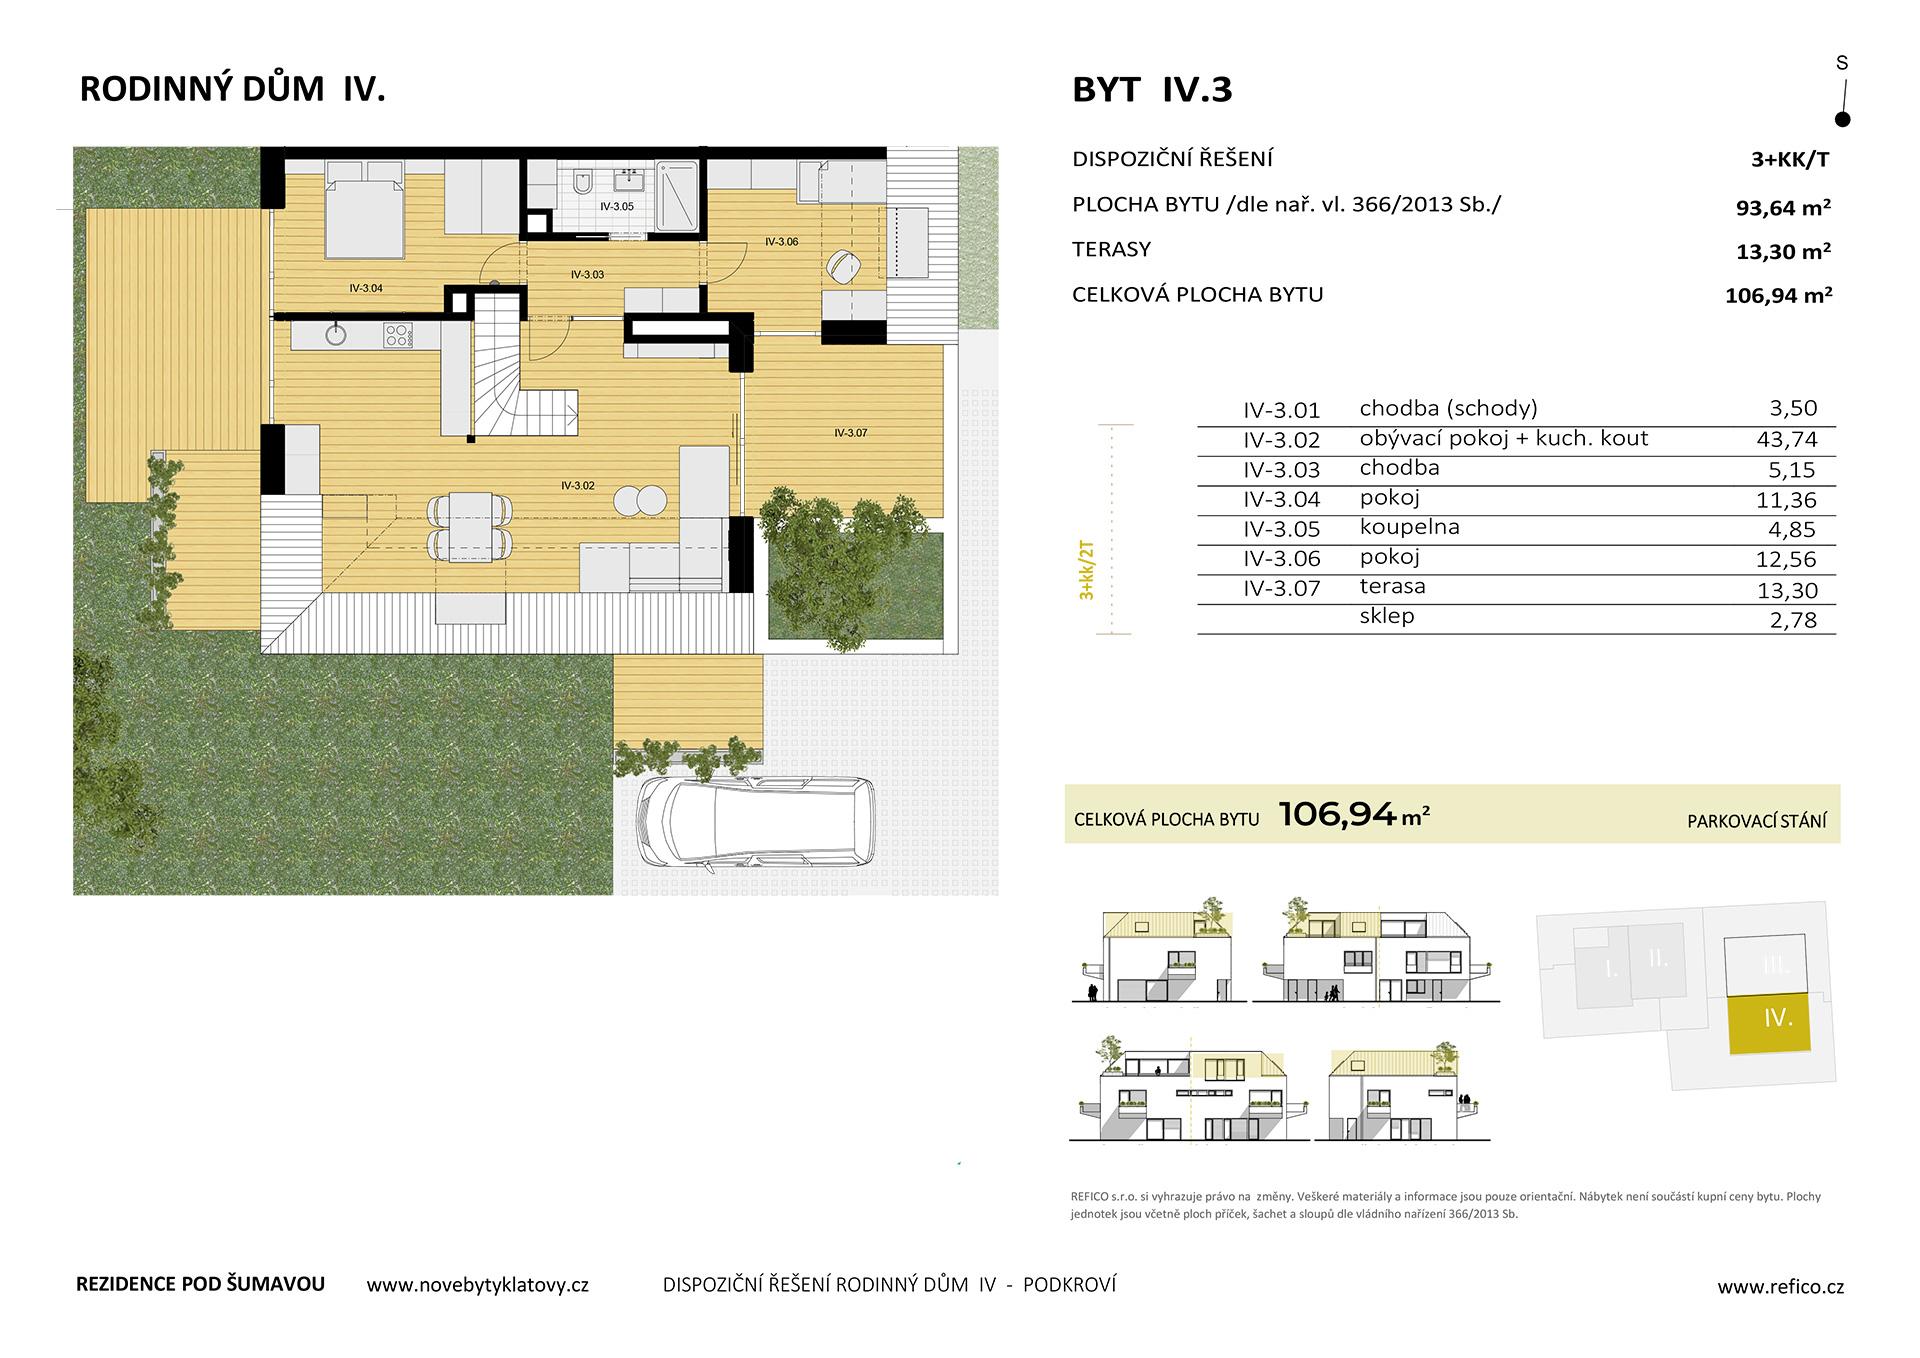 Dům IV., byt 3, podkroví, 3+KK/T